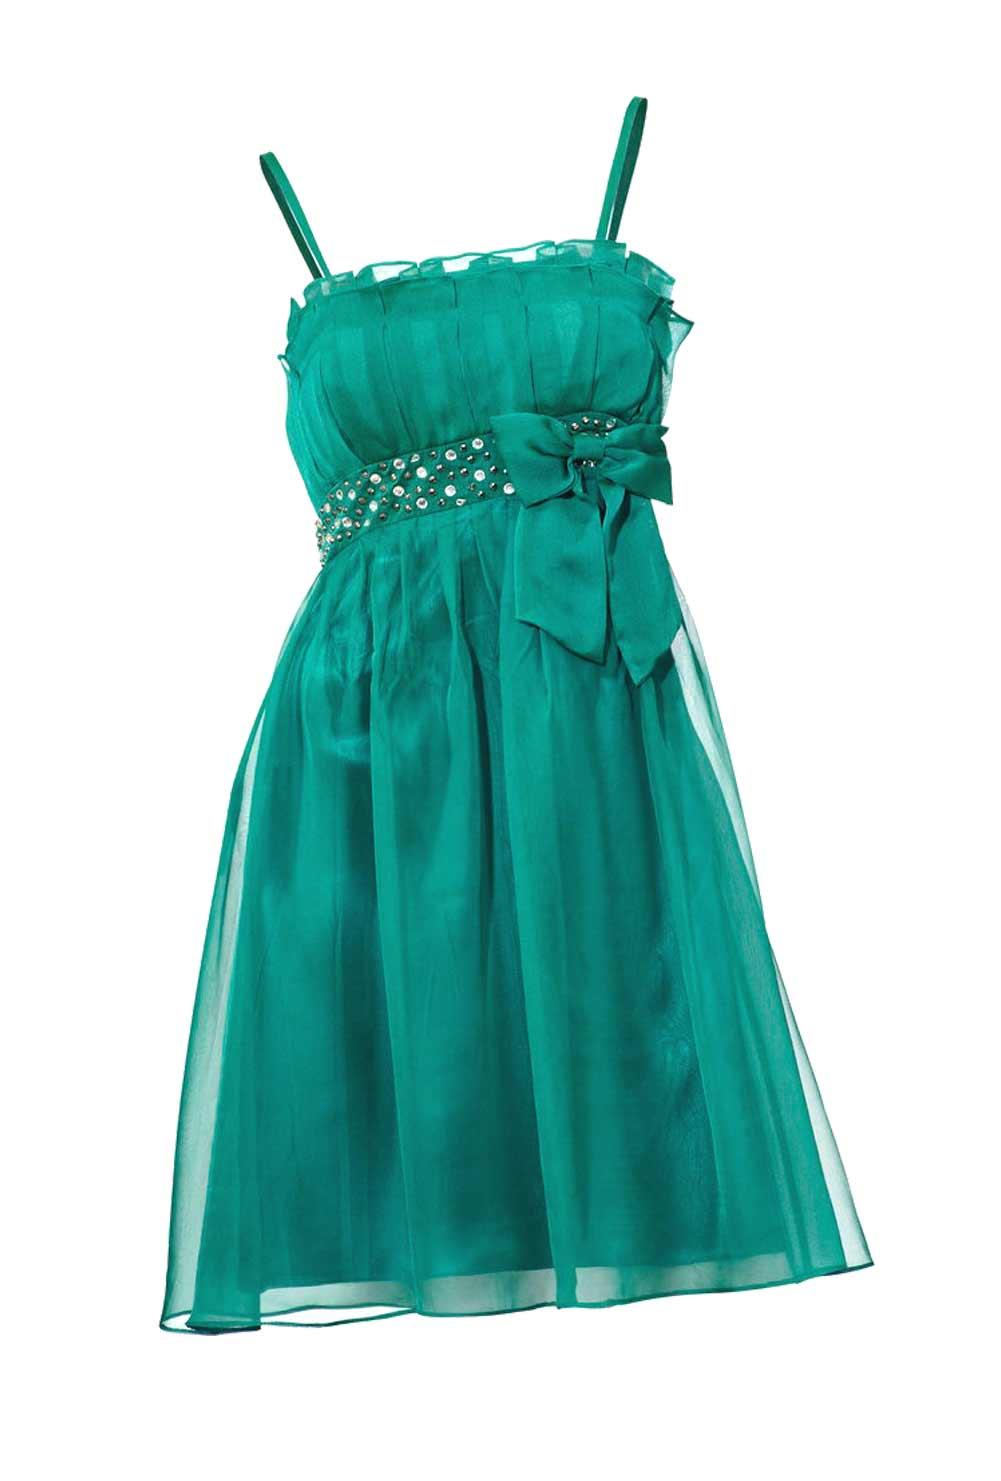 kurzes kleid für besondere anlässe Cocktailkleid m. Strass, smaragd von Ashley Brooke event Grösse 44 074.889 Missforty